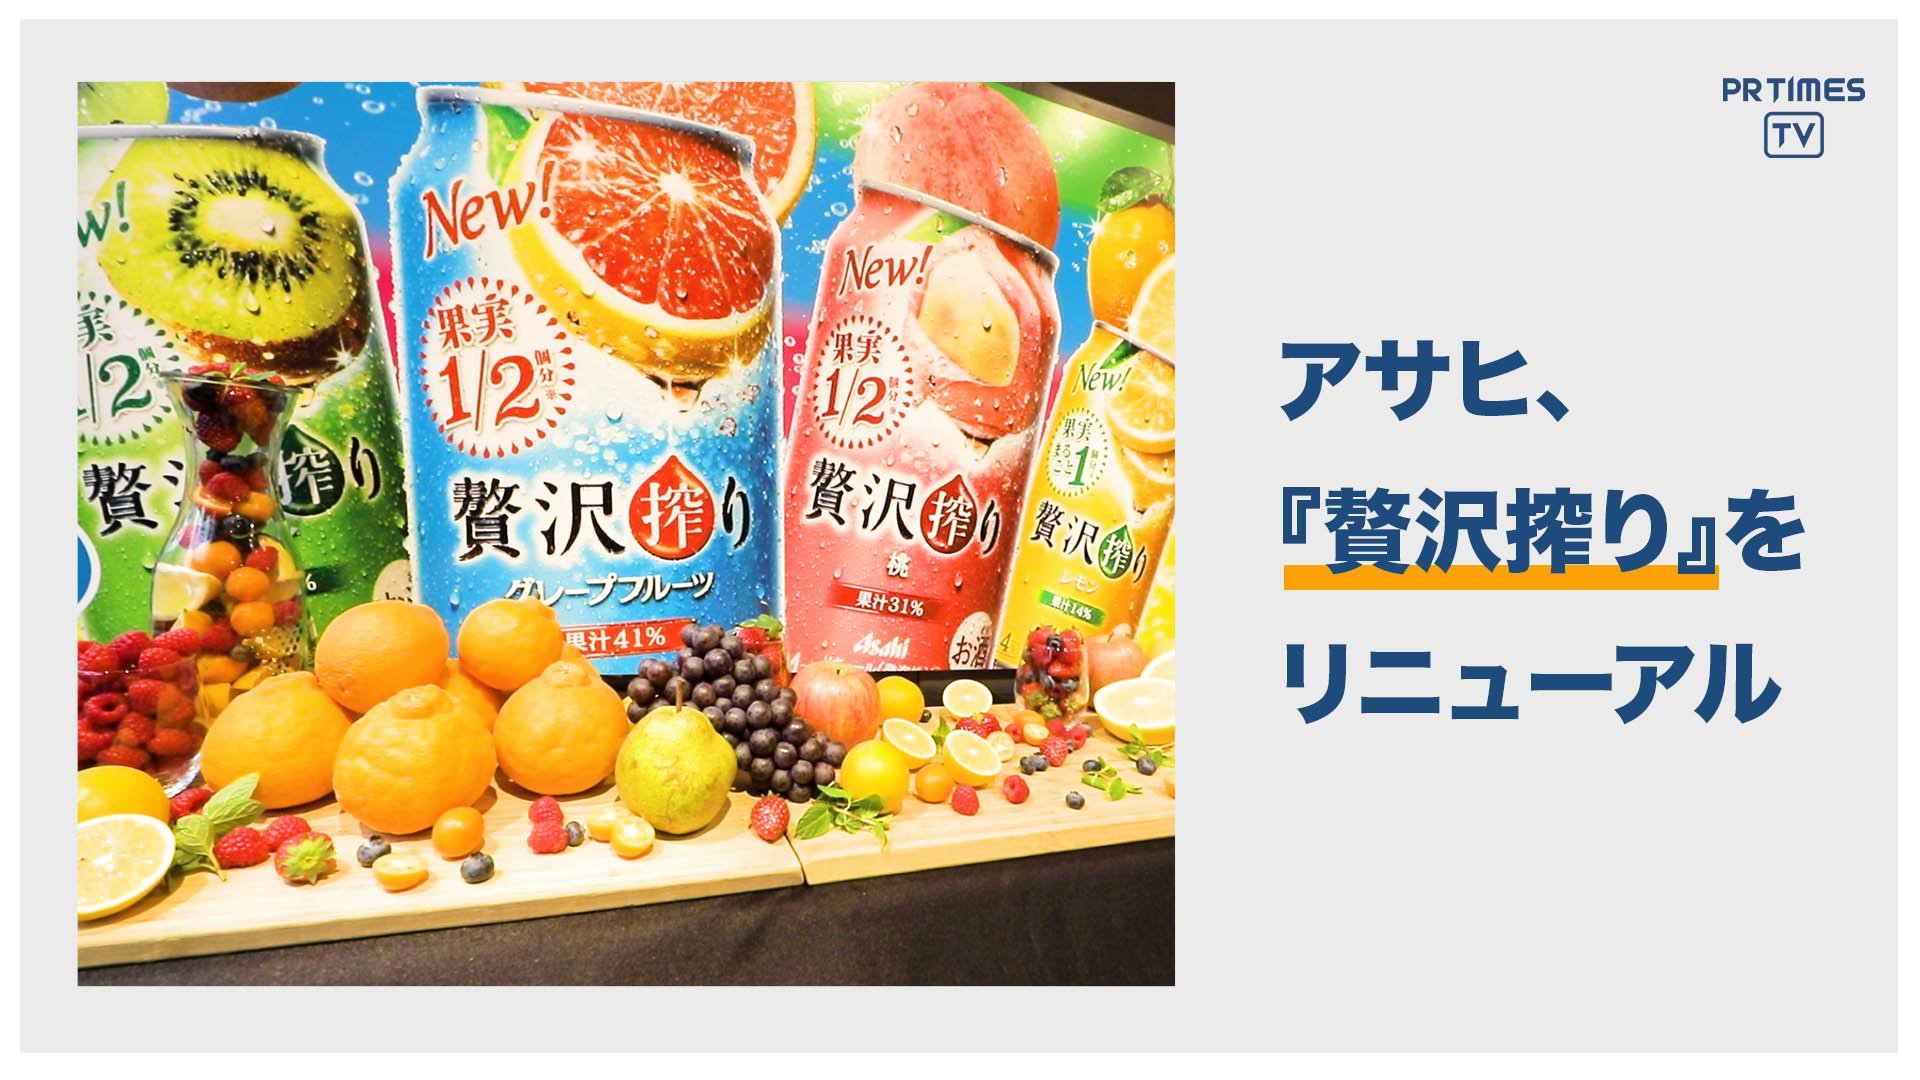 """「アサヒ贅沢搾り」リニューアル発売 """"果物をまるごとかじったような味わい""""を実現"""